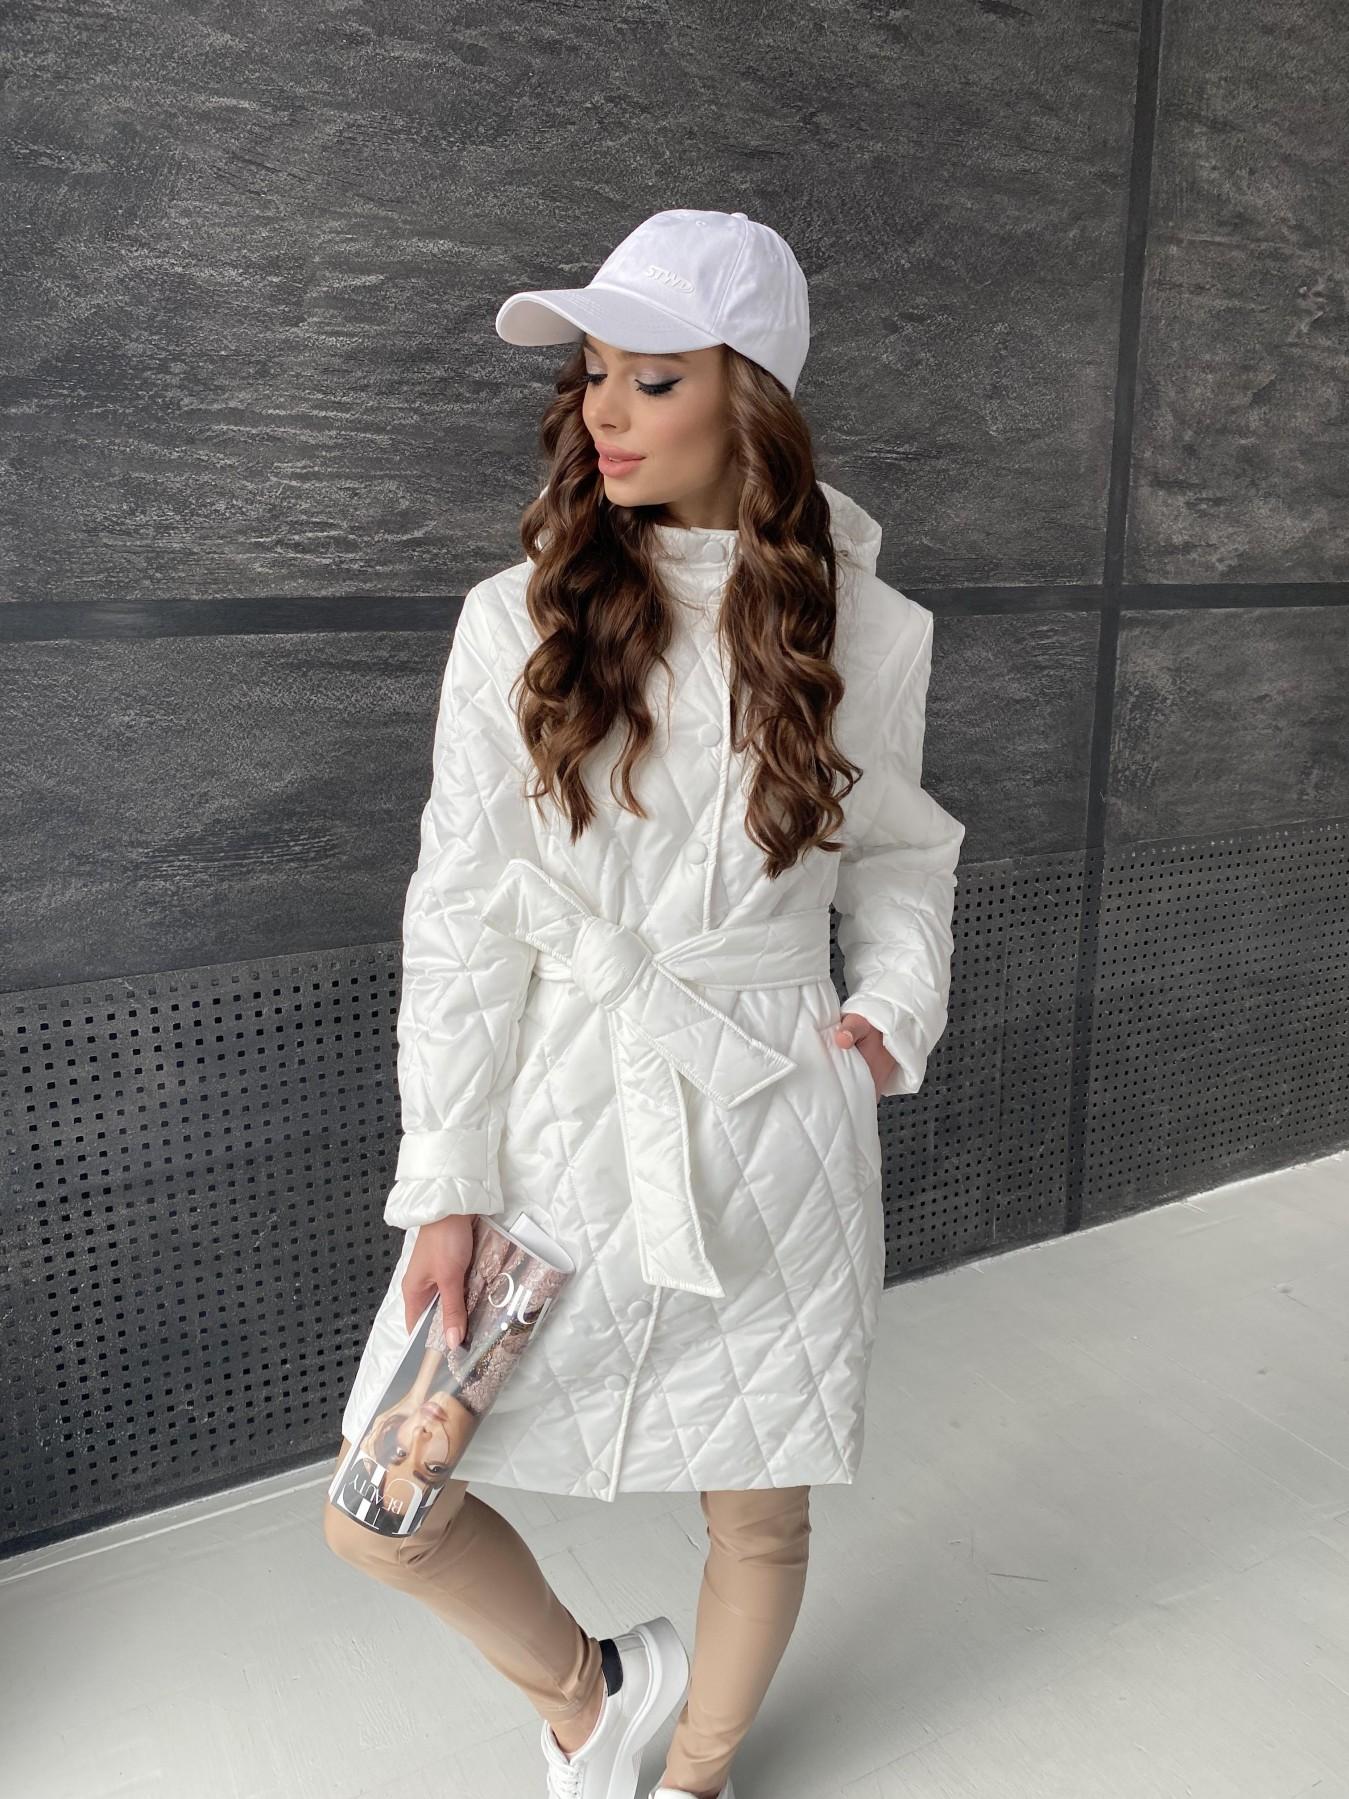 Виза стеганая куртка из плащевой ткани 11015 АРТ. 47516 Цвет: Молоко - фото 2, интернет магазин tm-modus.ru